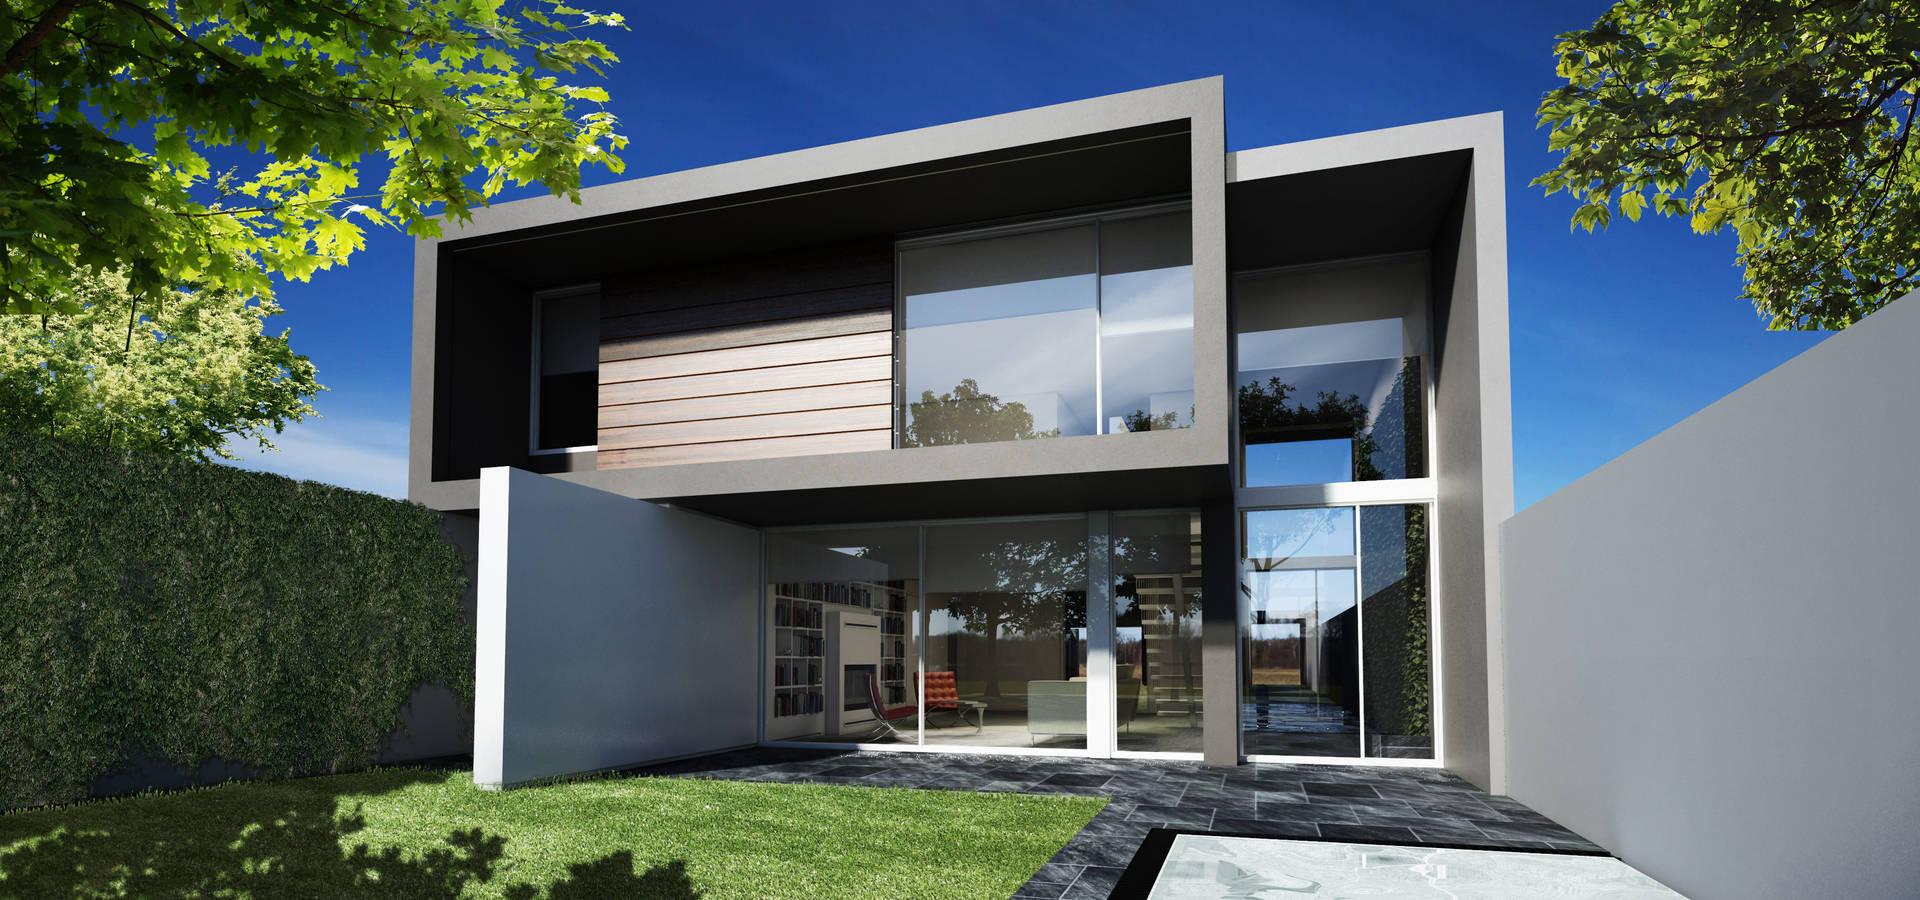 FT Arquitectura